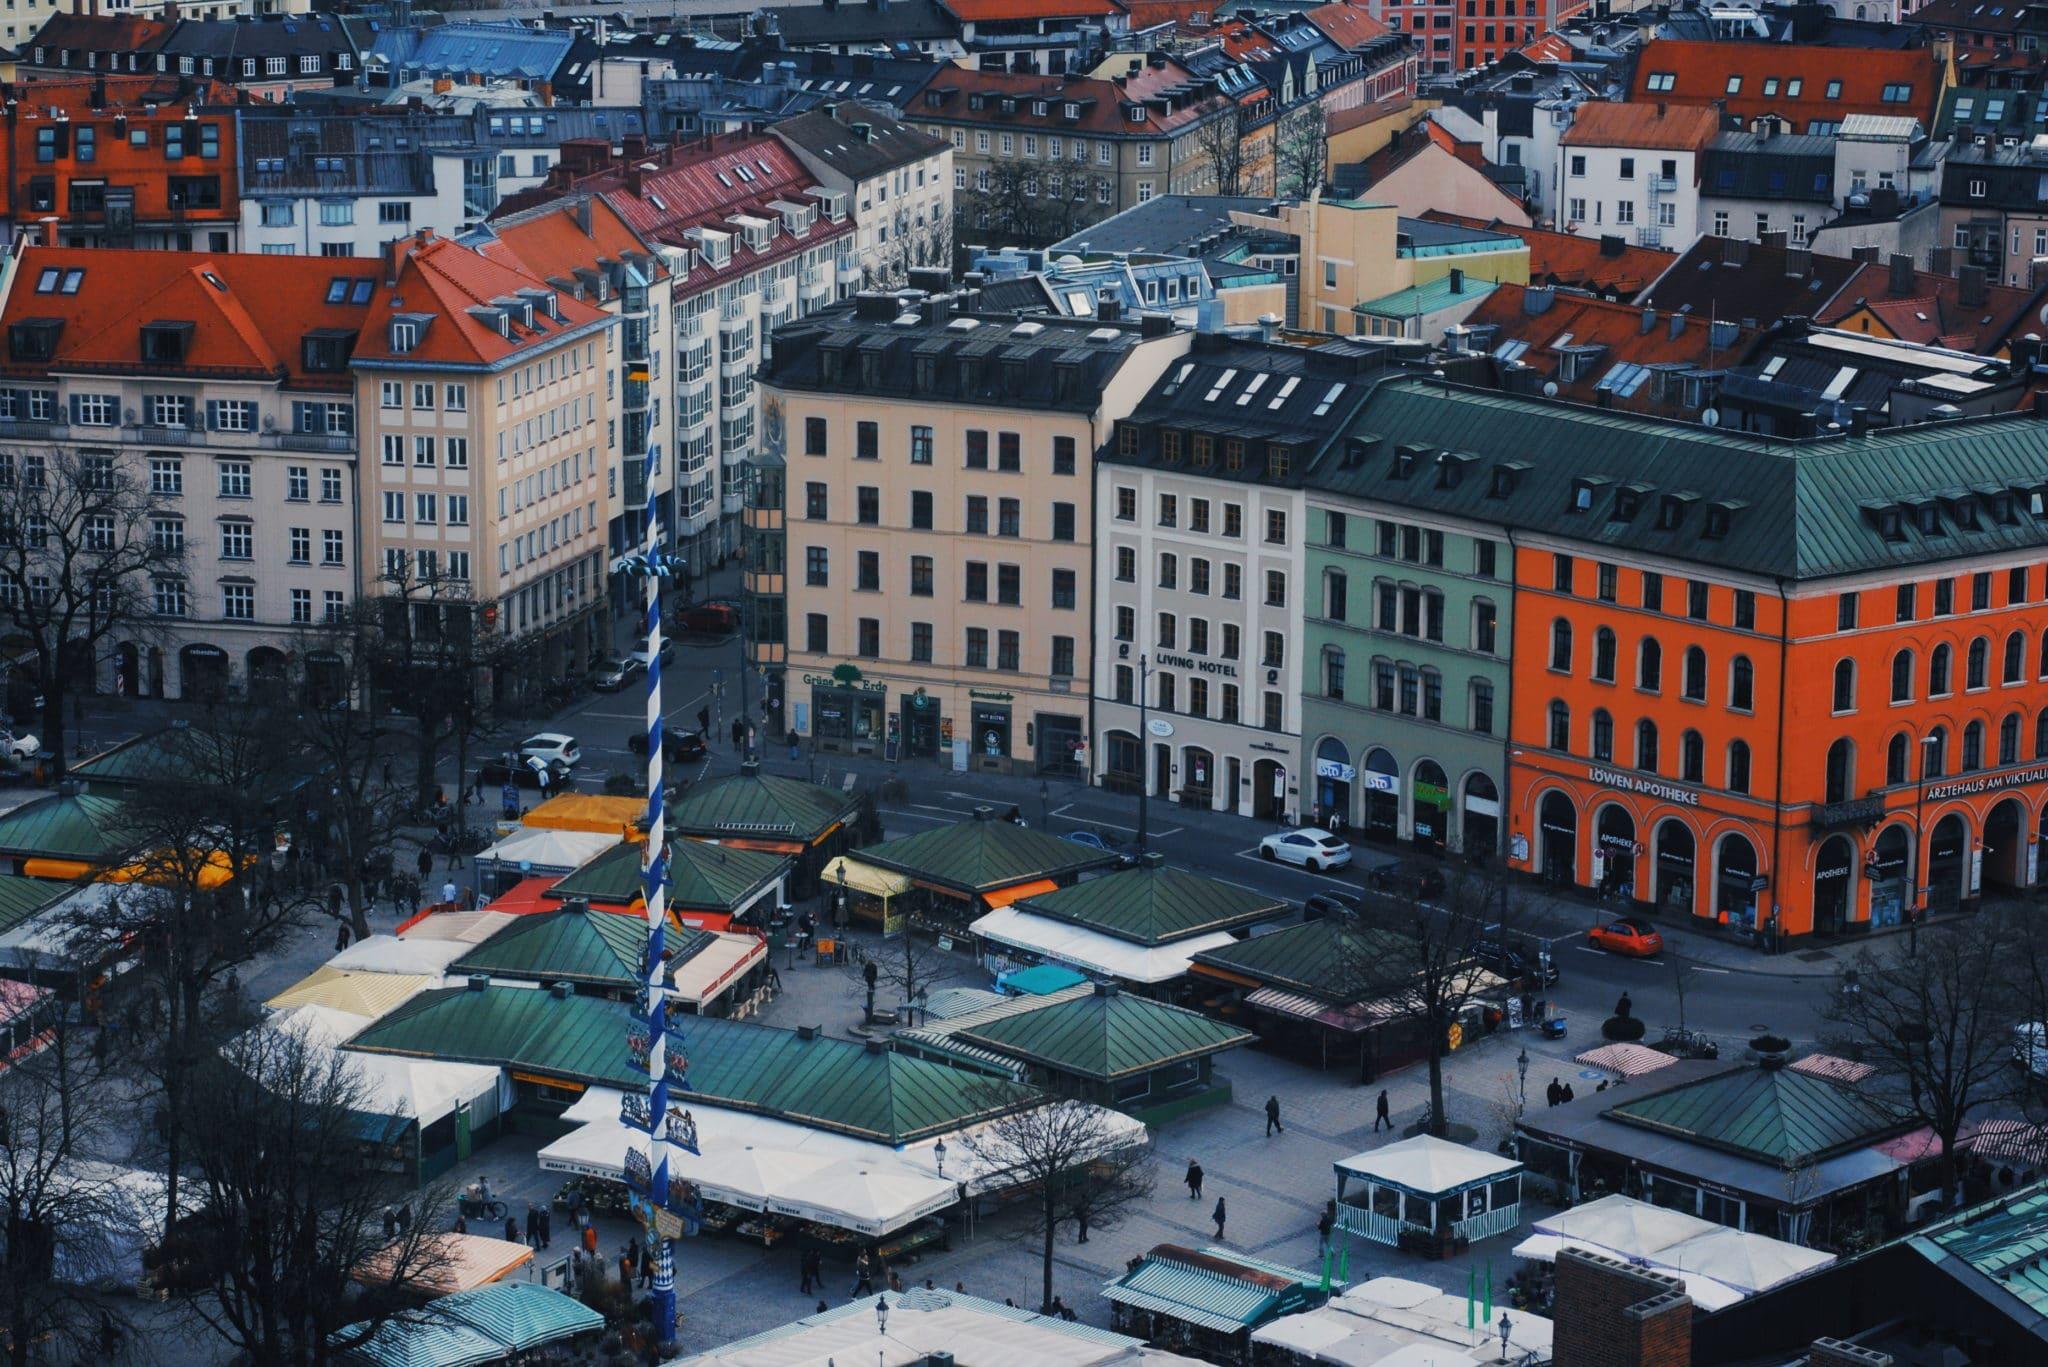 процедура покупки квартиры в германии